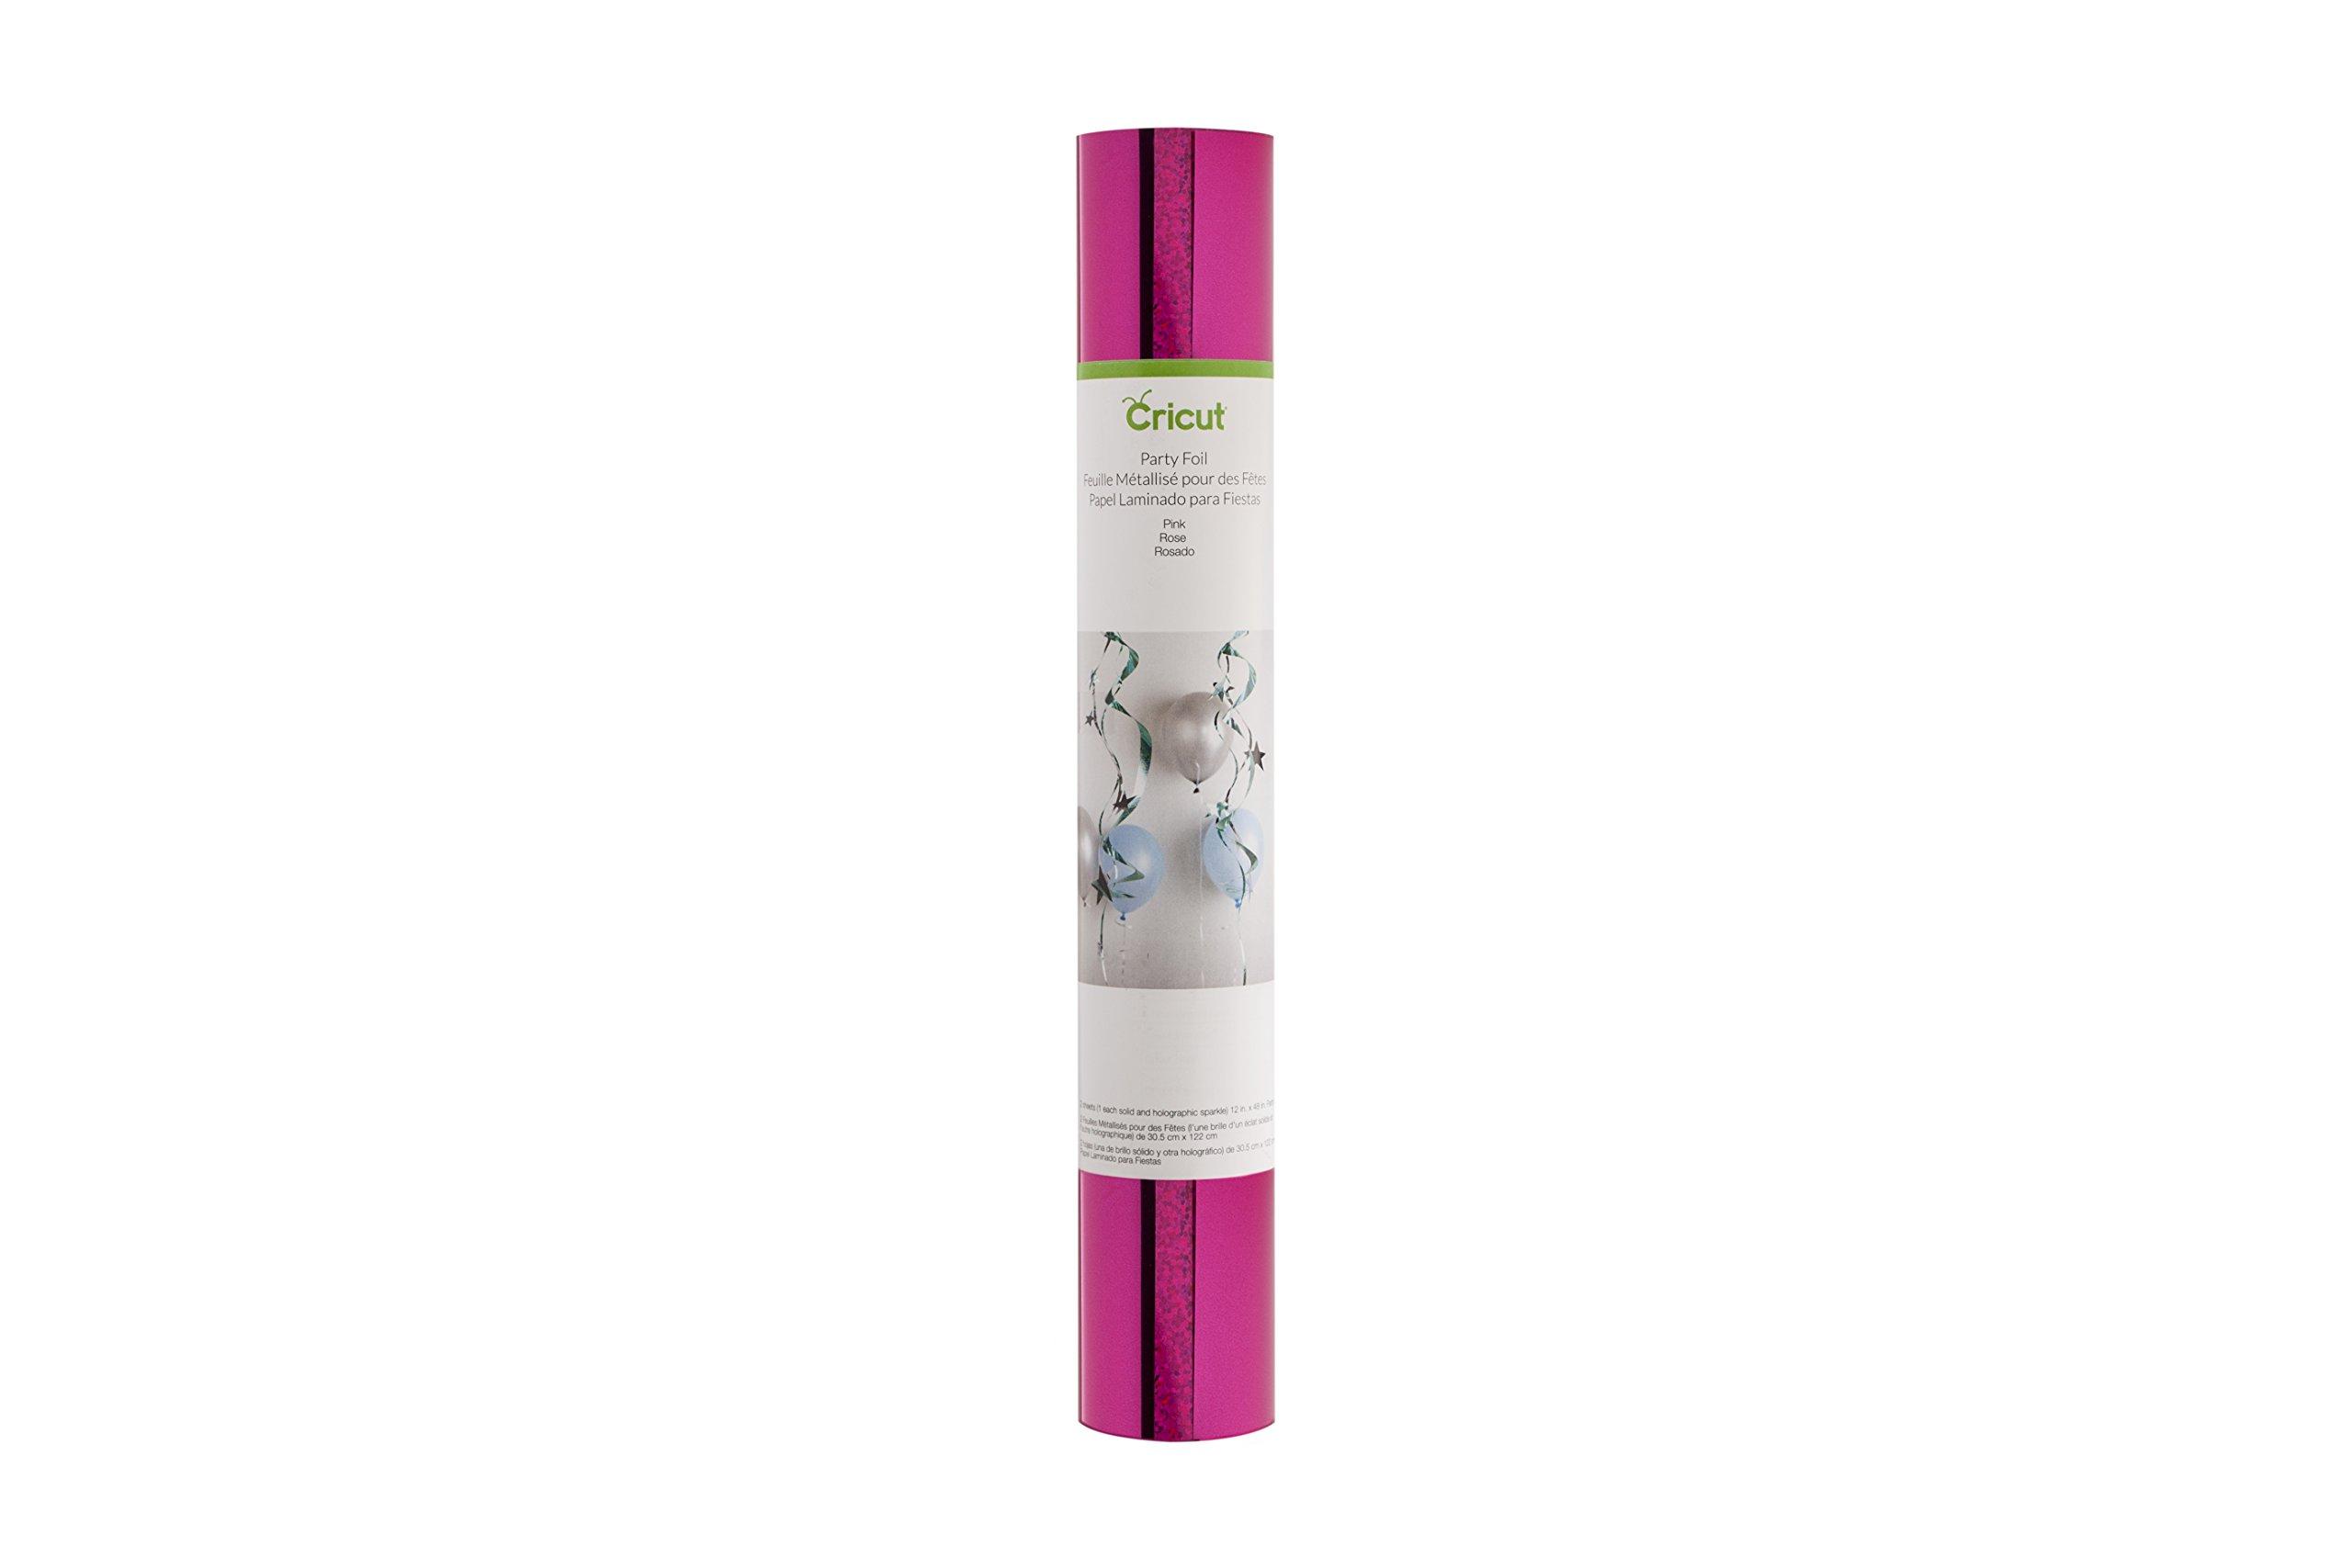 Cricut Pink 12 X 48 X 2 Party Foil, 12X48, by Cricut